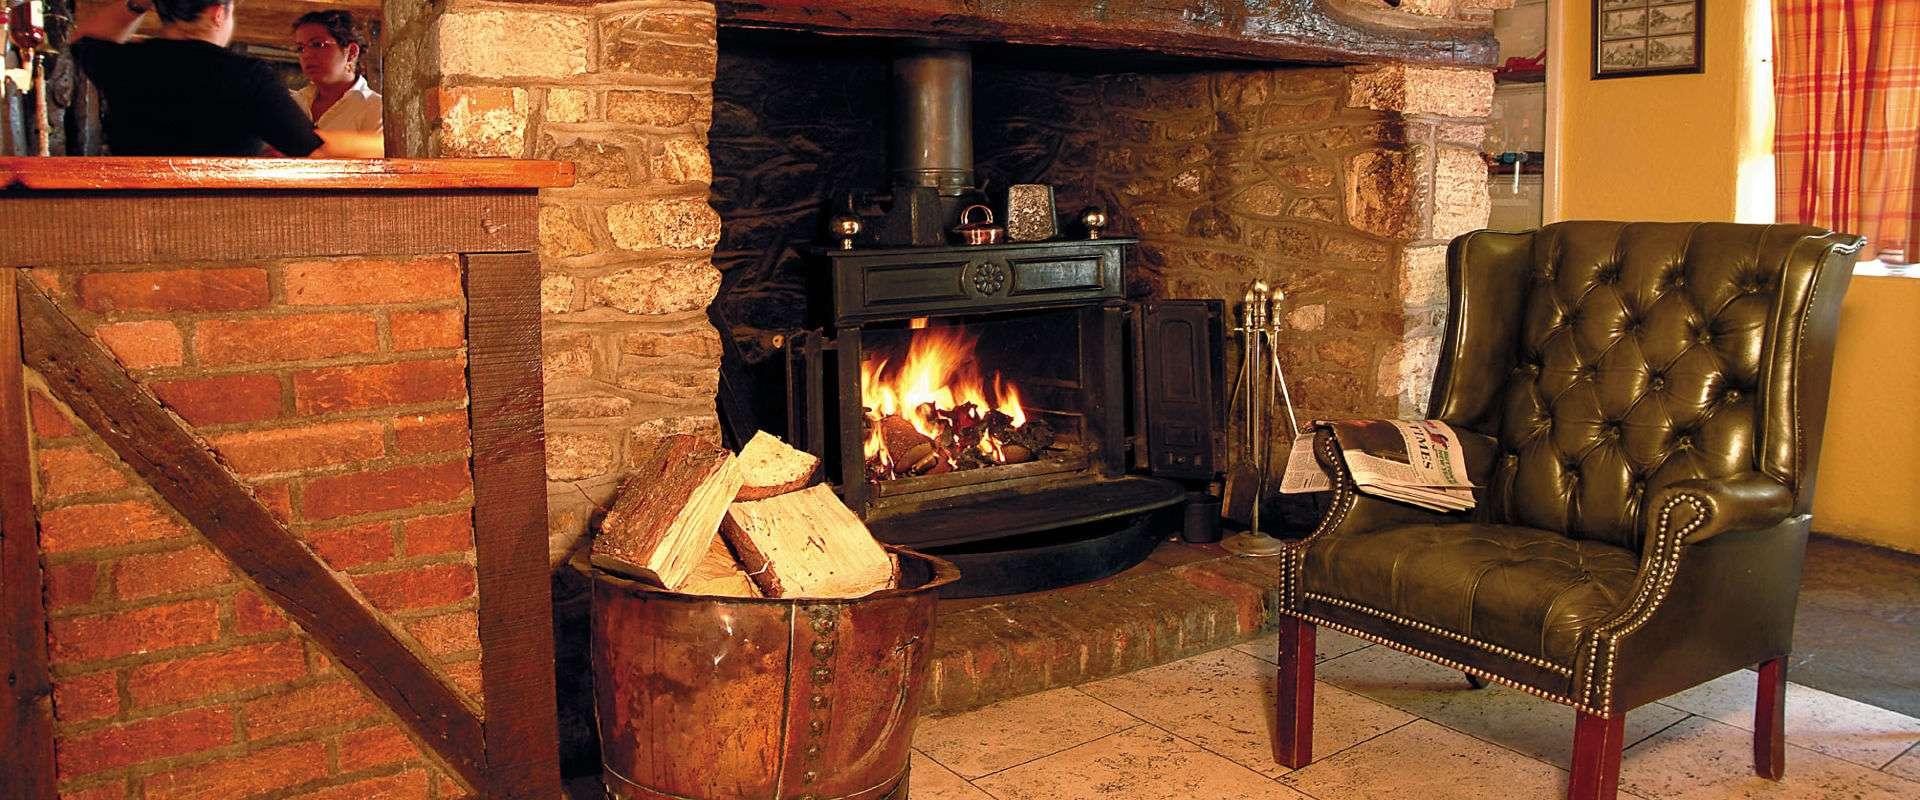 White Hart Fireside